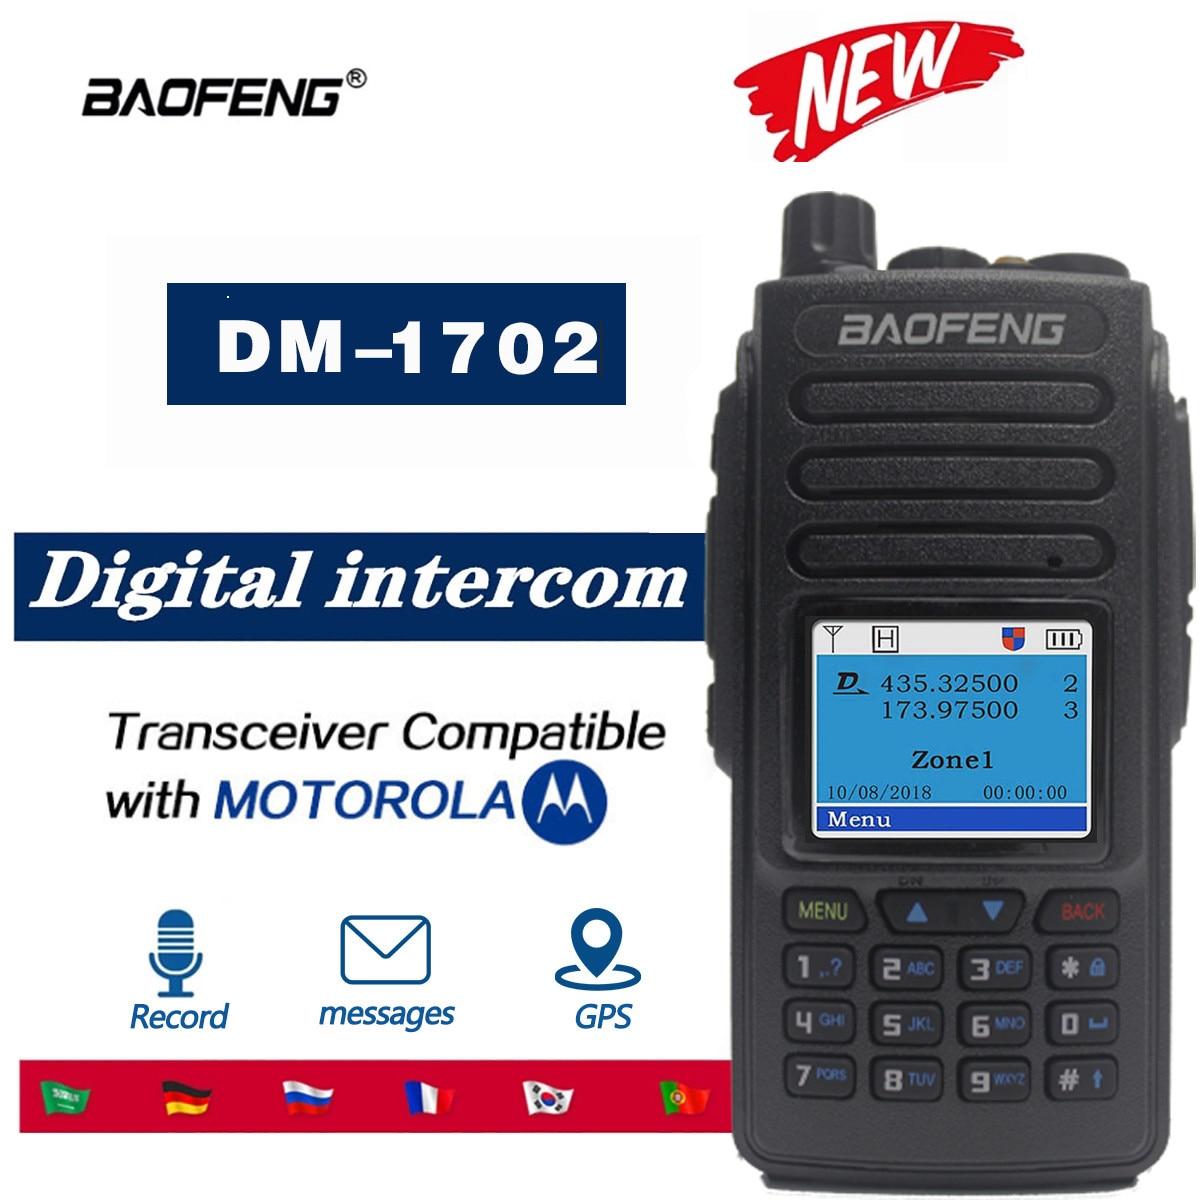 2021 Baofeng DM1701 // DM-1702 لتحديد المواقع اسلكية تخاطب المزدوج الوقت فتحة DMR الرقمية/التناظرية DMR مكرر ترقية DM-1801 راديو DM-1701